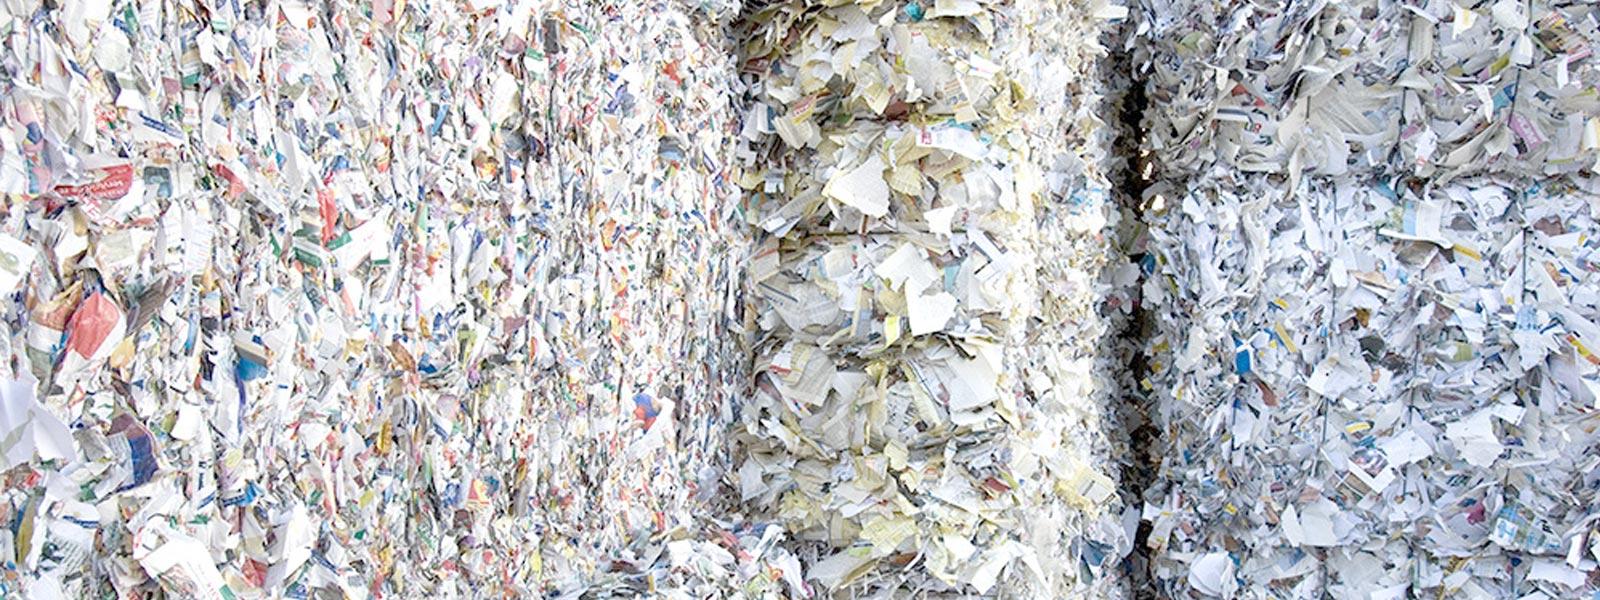 rua papel gestión integral de residuos papel y cartón slide escritorio